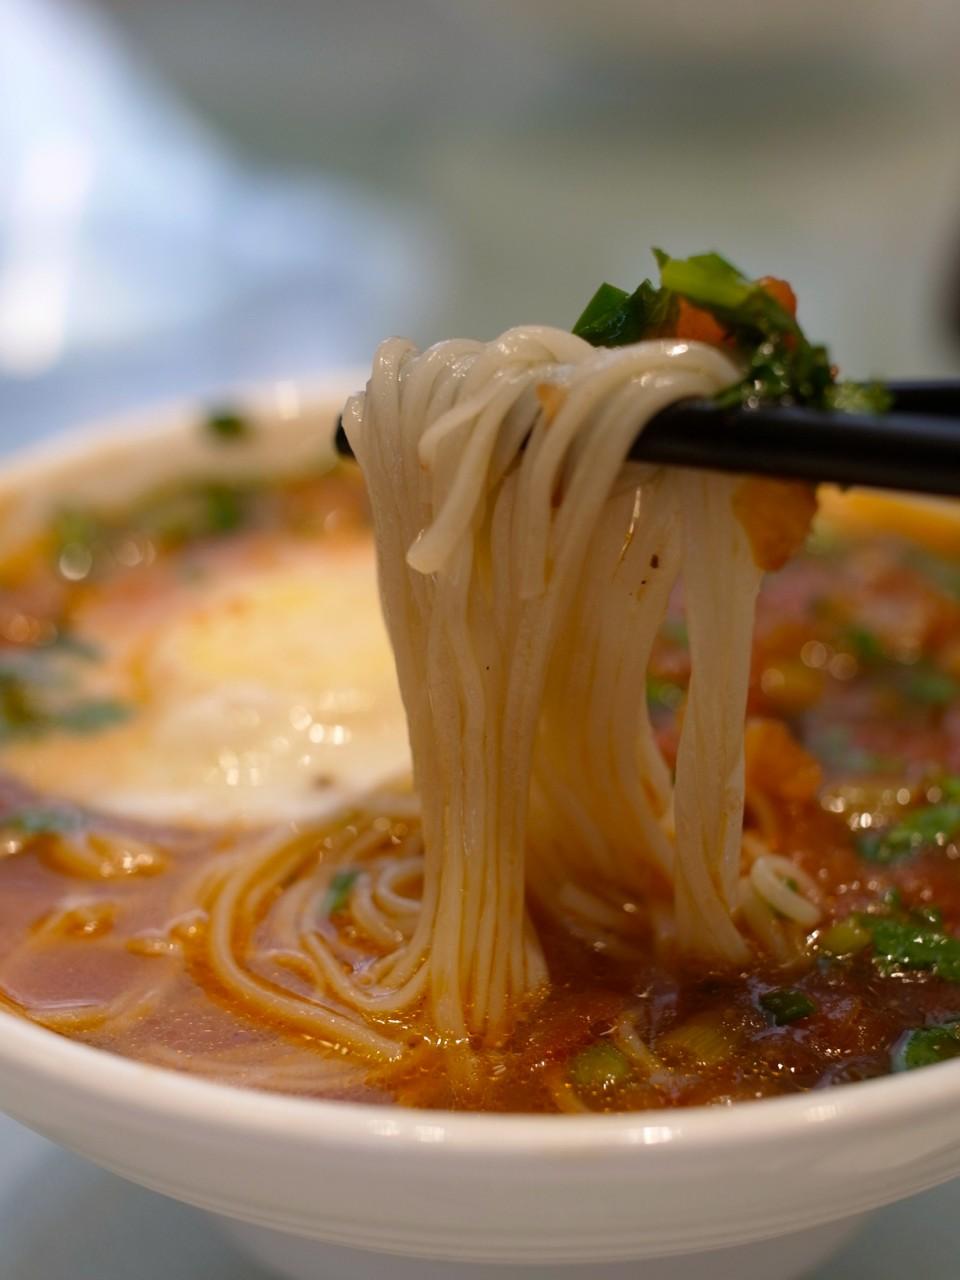 В Китае считается недопустимым разрезать лапшу во время еды. Длинная лапша олицетворяет долголетие. В случае если человек перерезает лапшу, он якобы укорачивает себе жизнь. (kattebelletje)